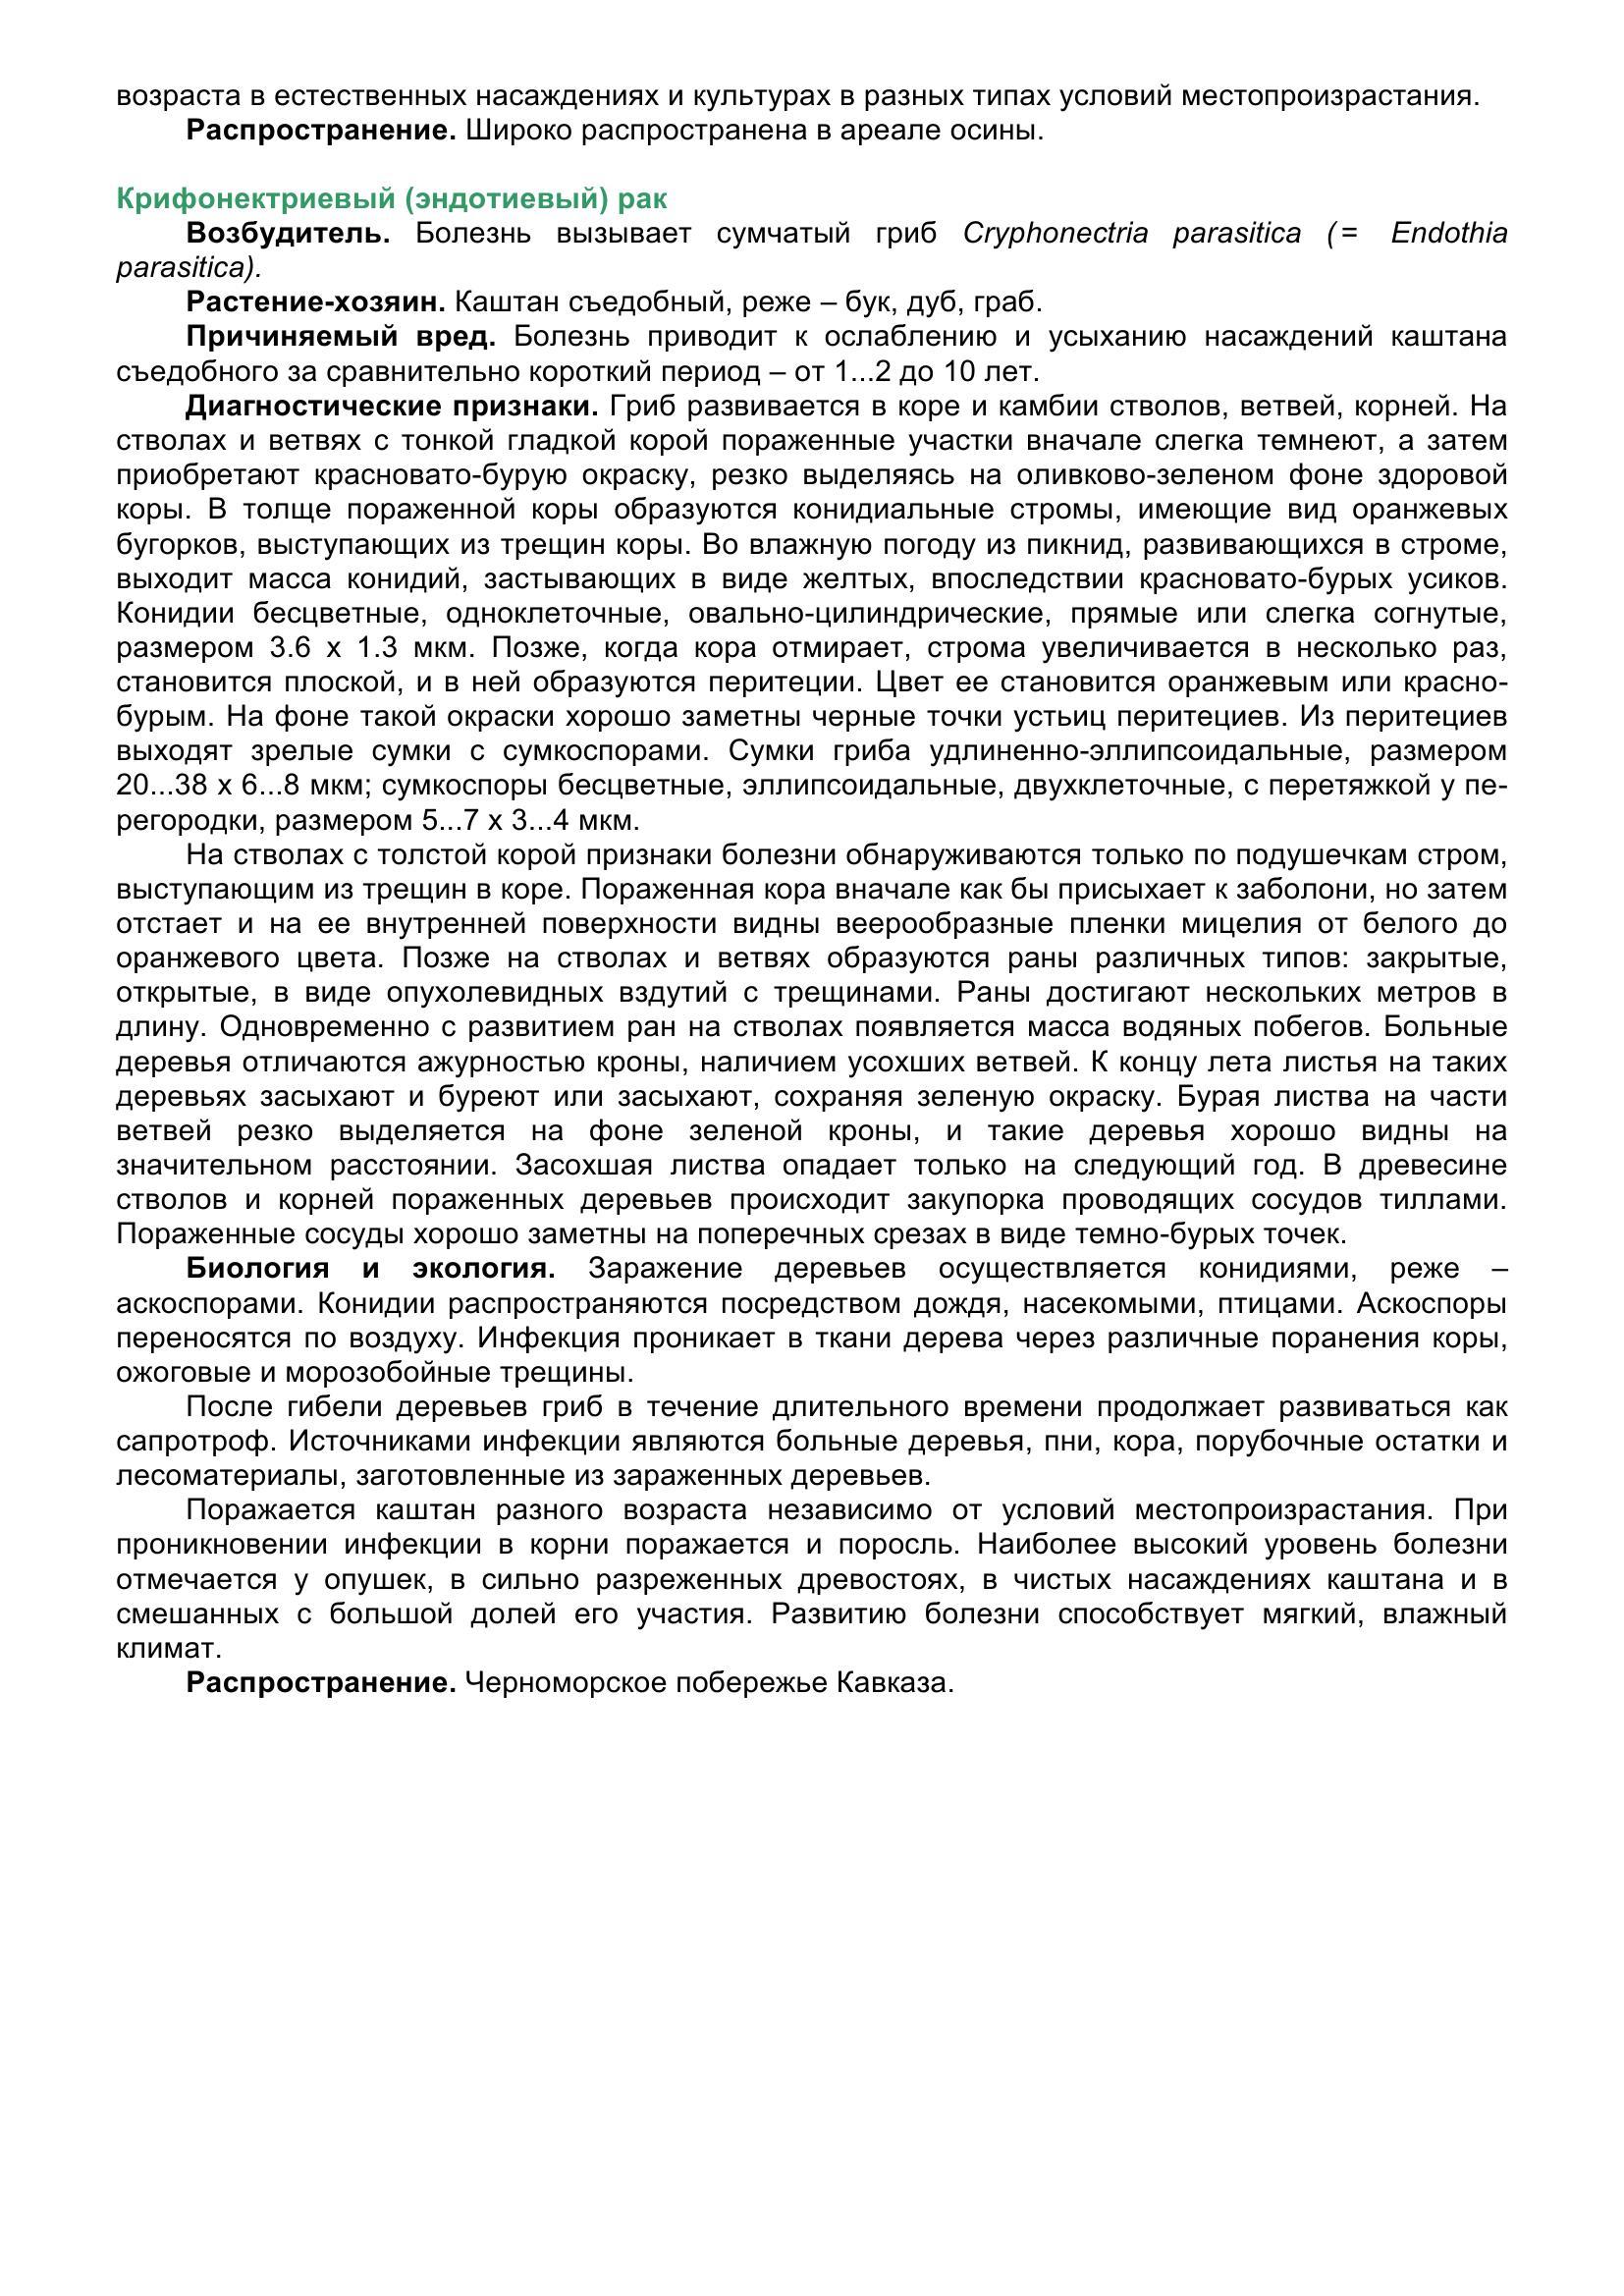 Болезни_древесных_растений_082.jpg